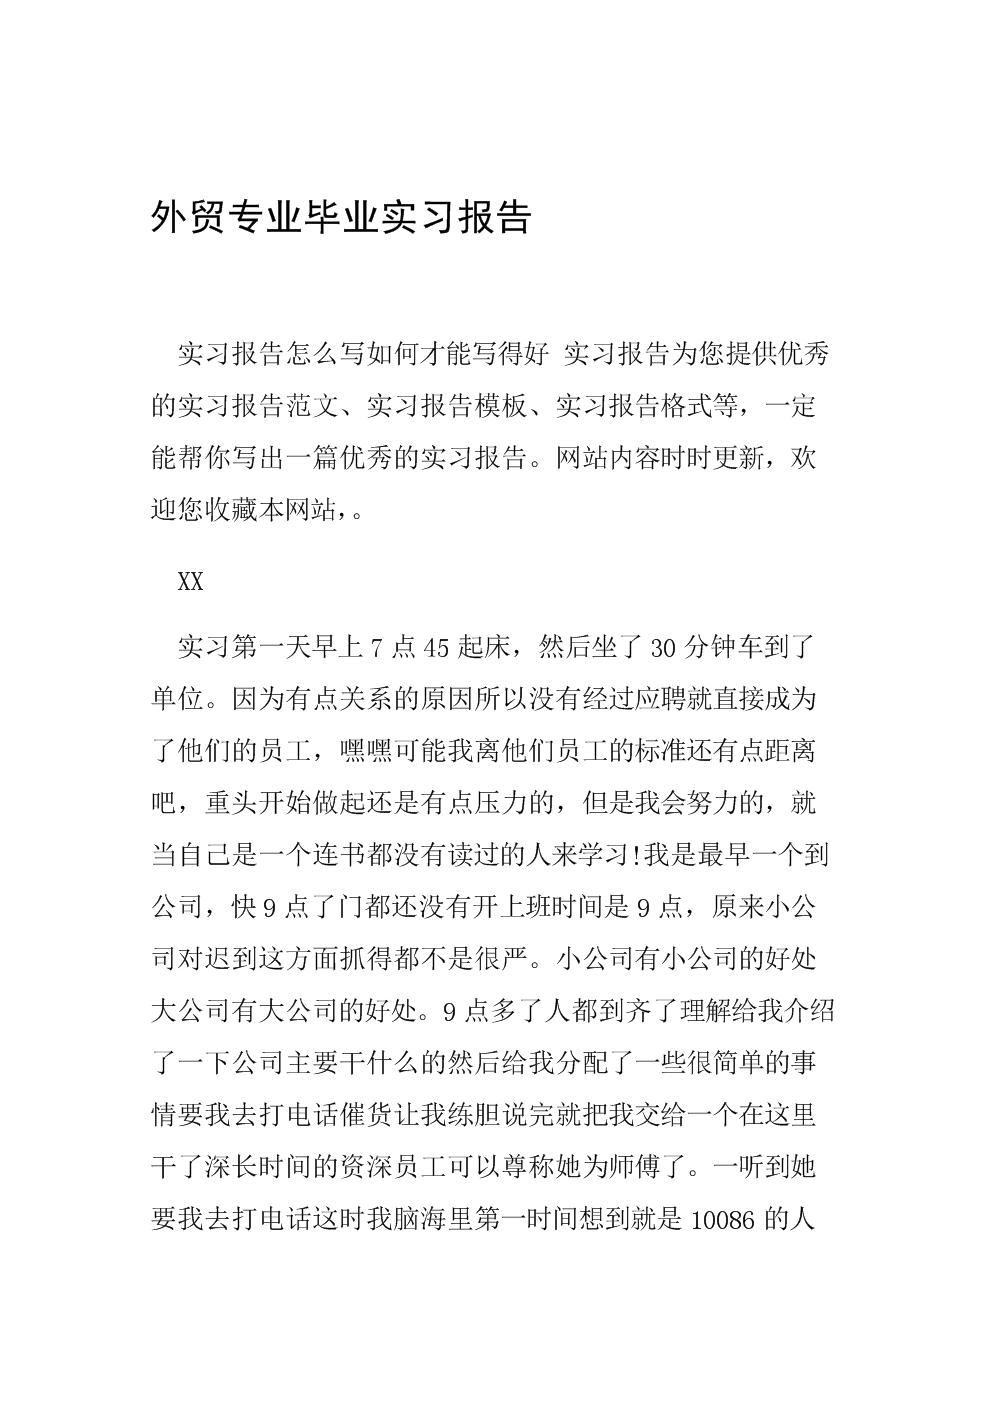 外贸专业毕业实习报告.doc